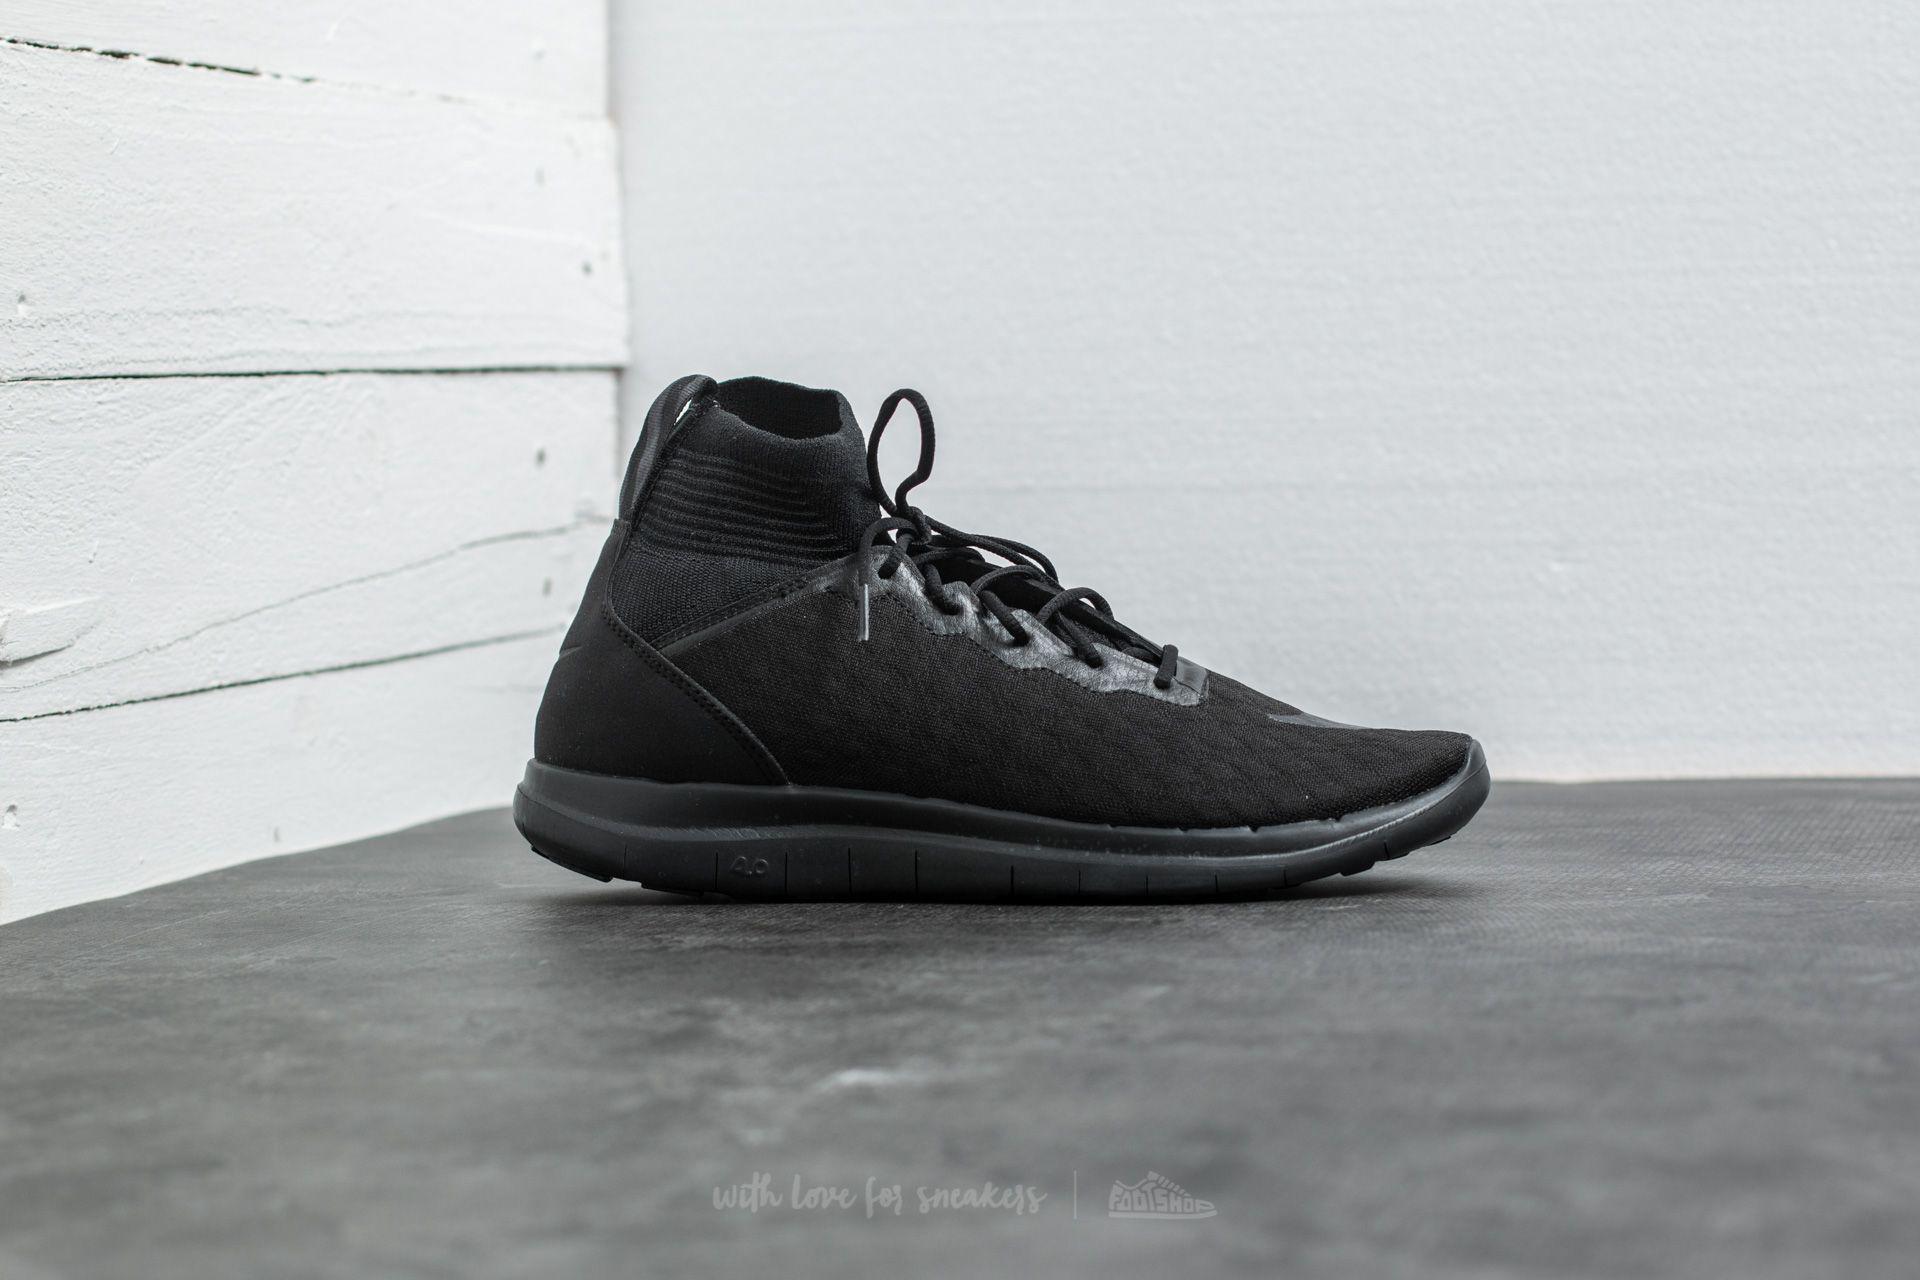 cheaper 1792e 8ab06 Nike Free Hypervenom 3 Flyknit Black/ Black-anthracite for men